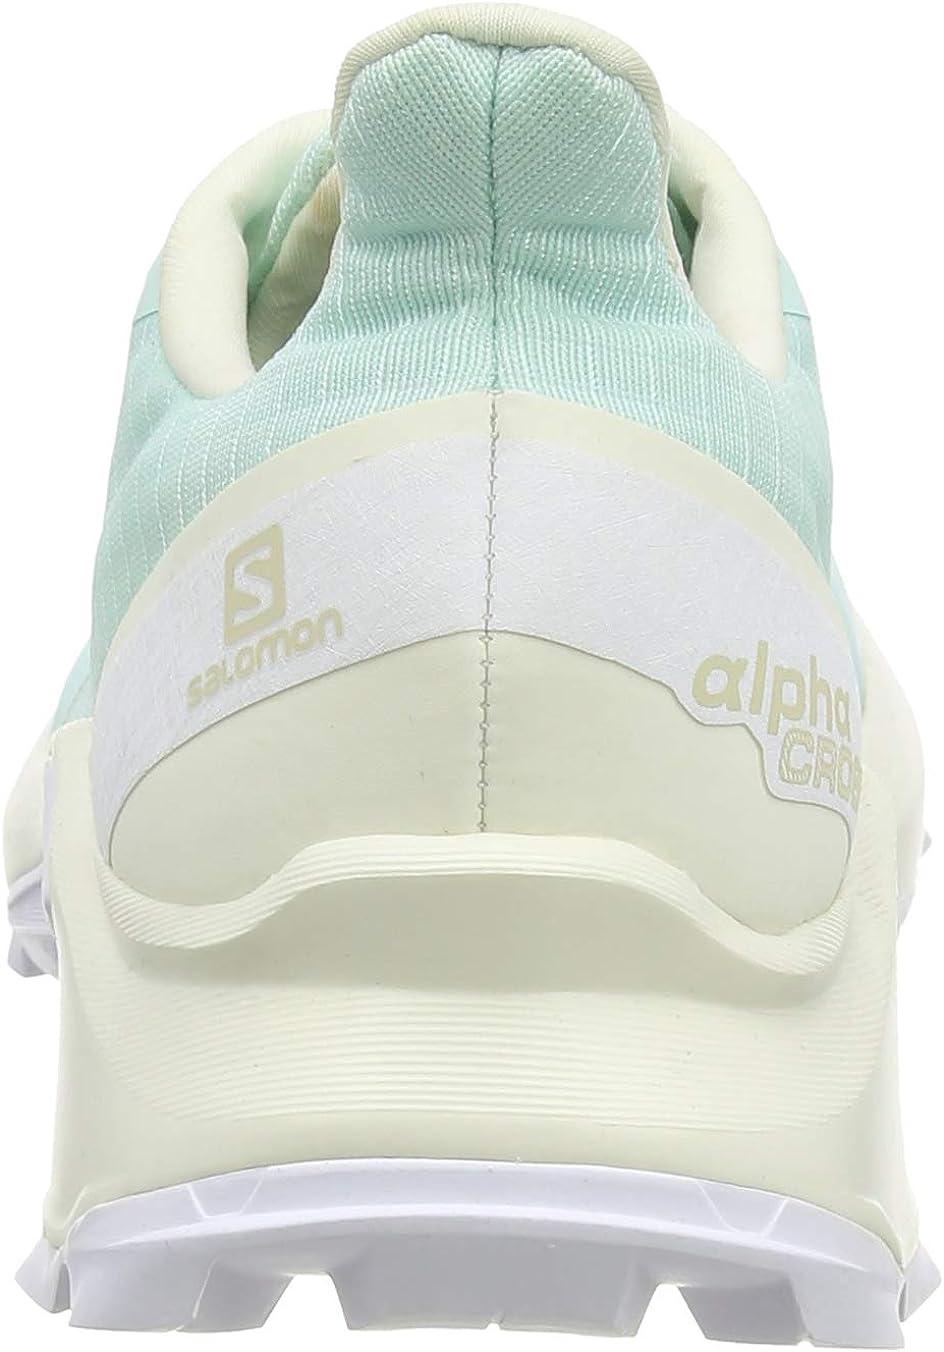 SALOMON Alphacross Chaussures De Course A Pied Femme